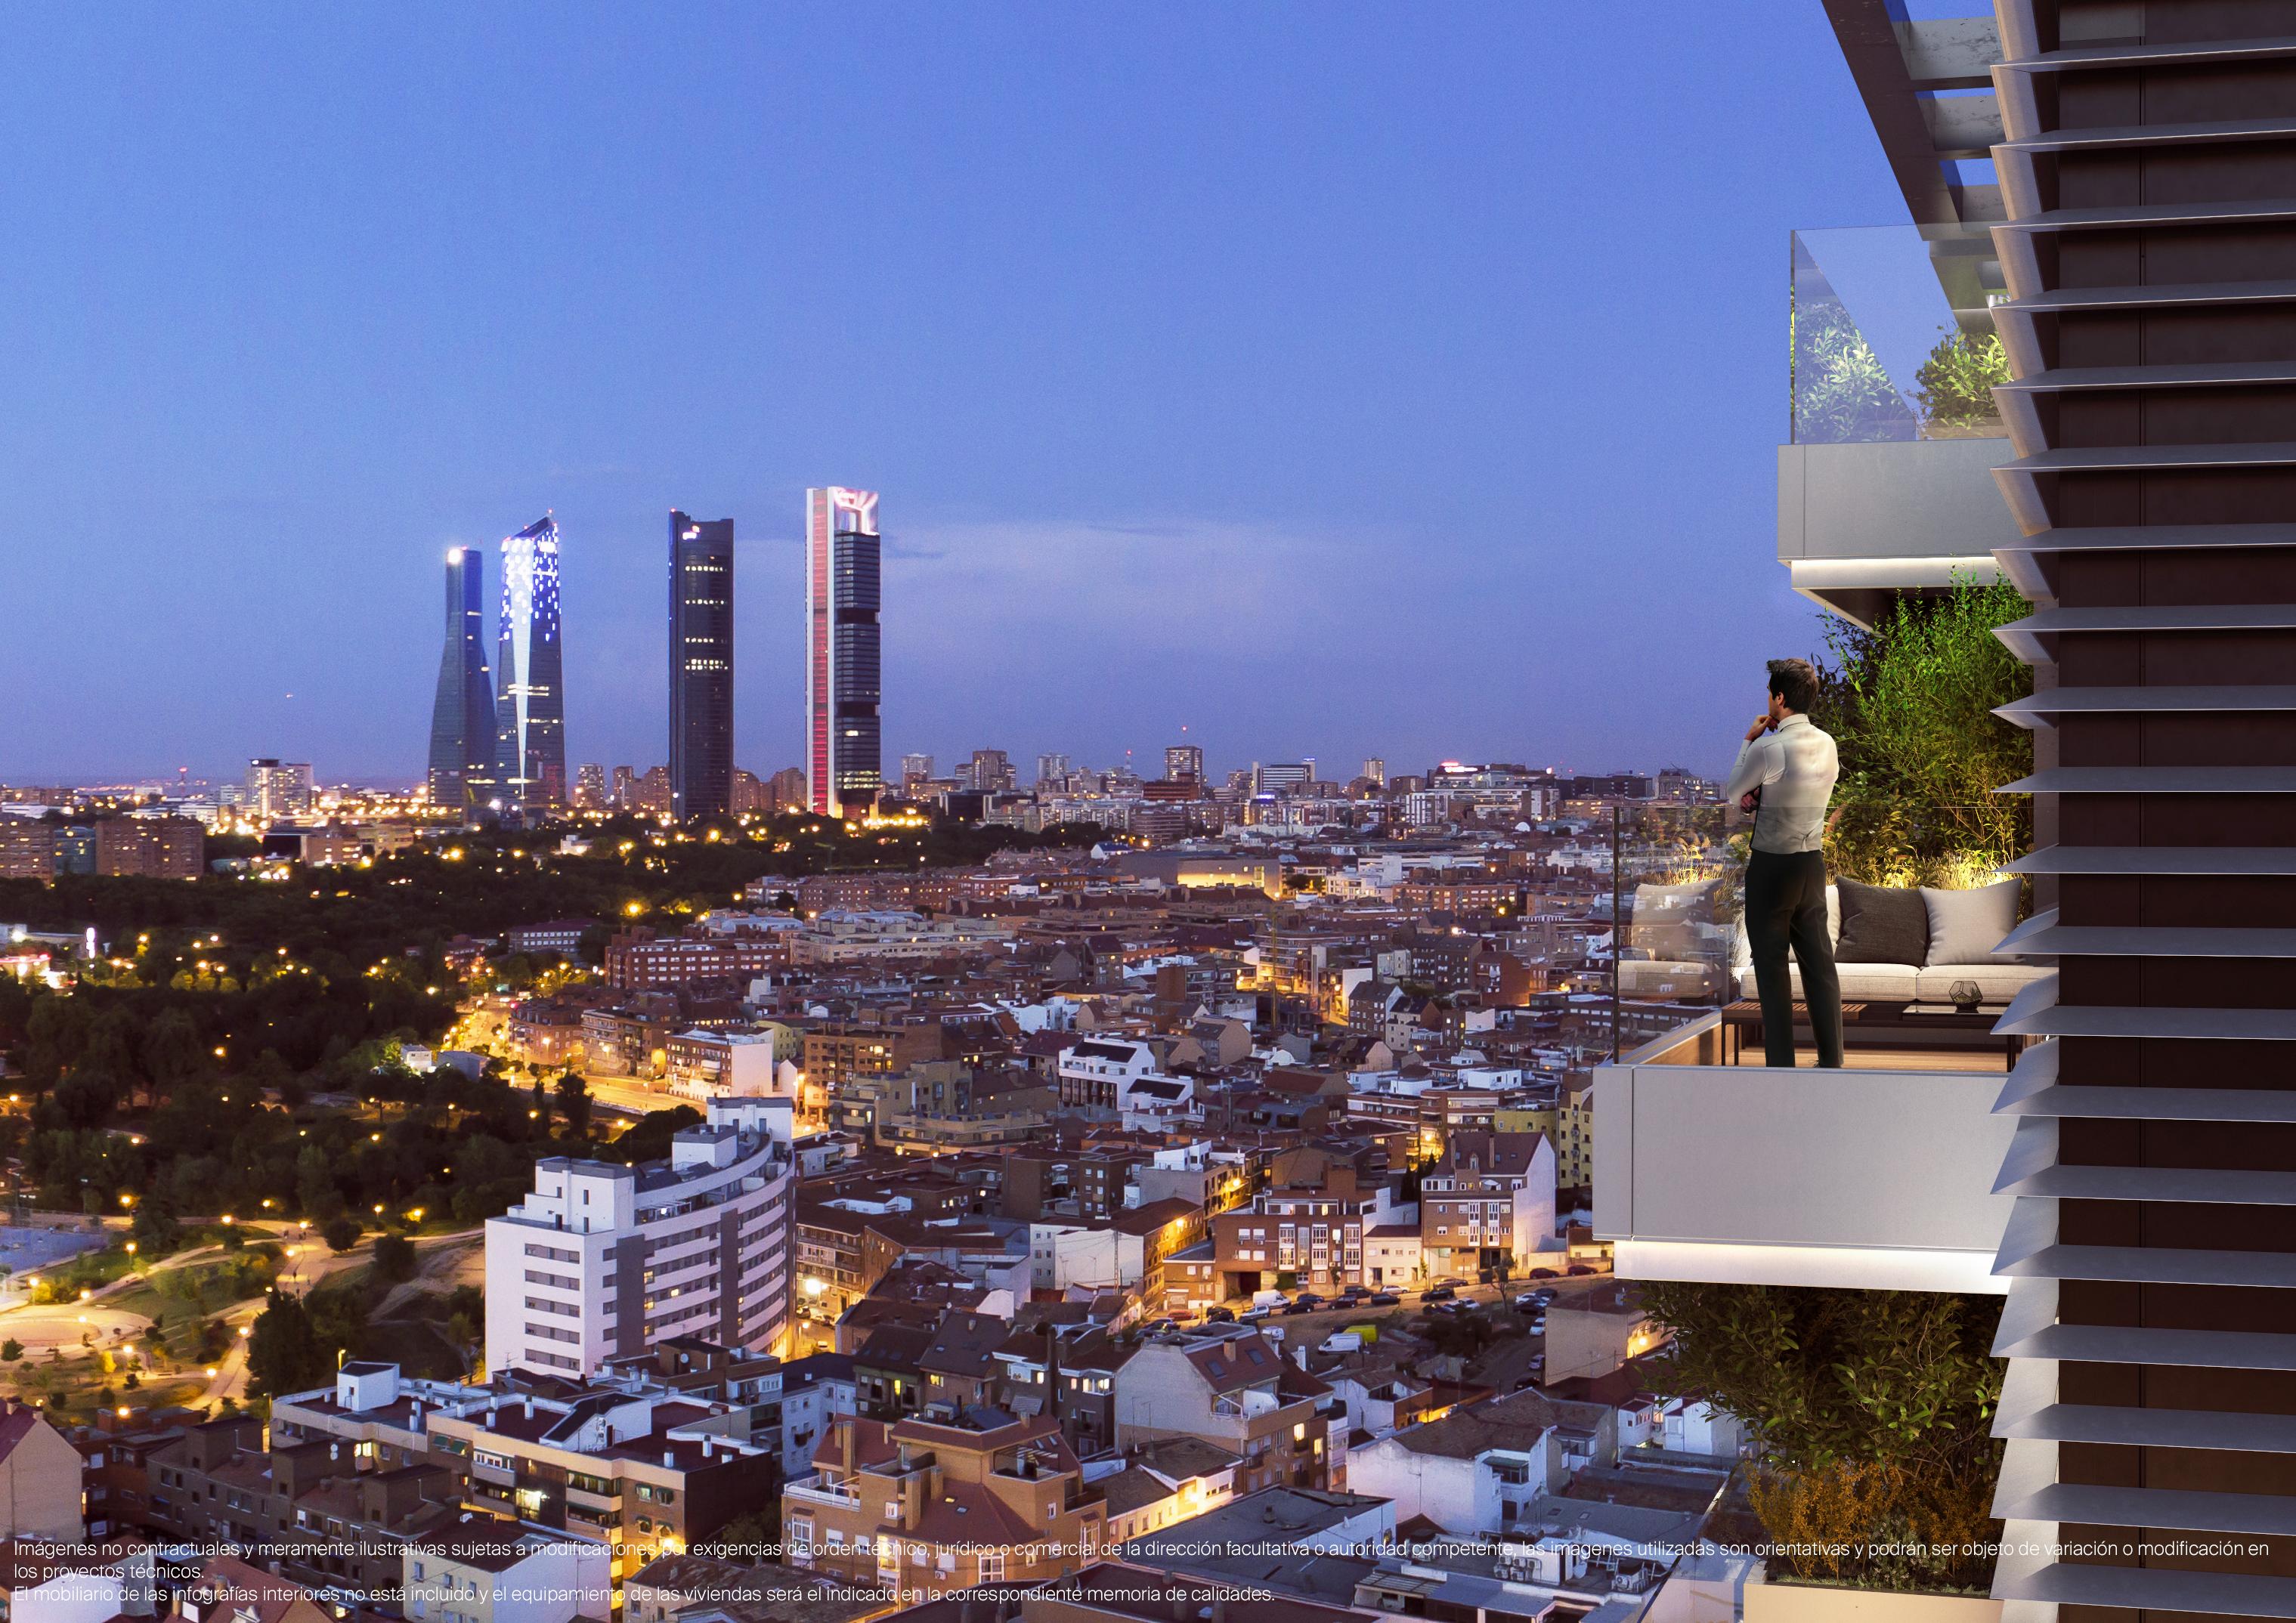 Vistas de las terrazas y Madrid